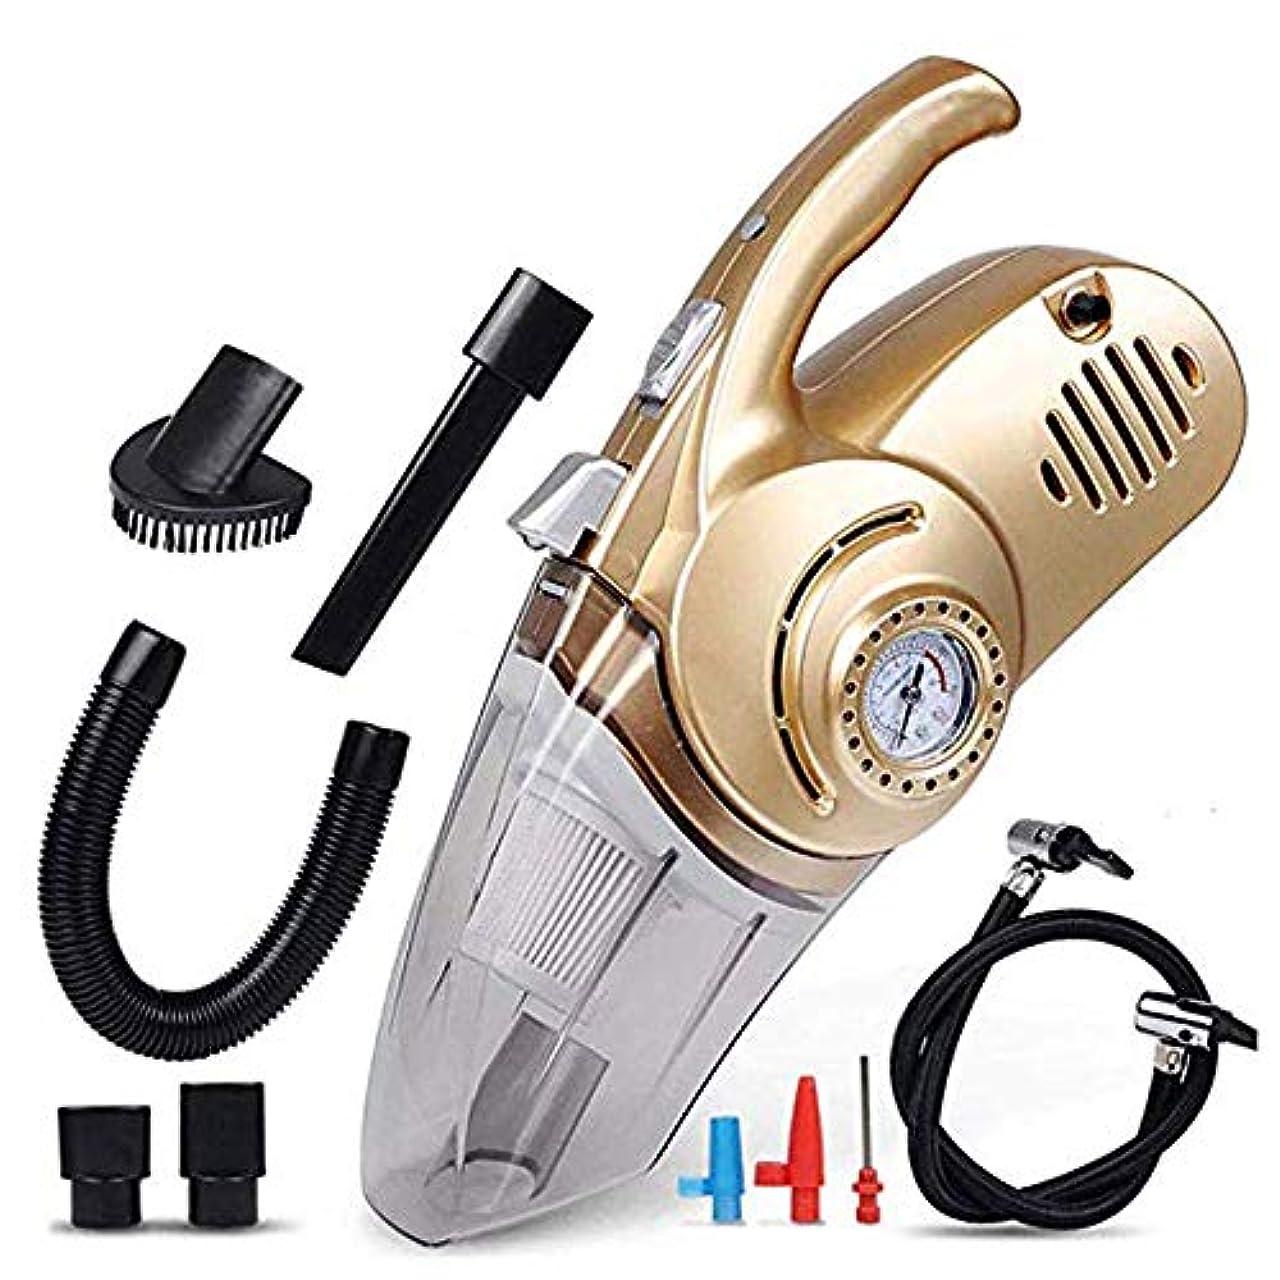 消える画像不要車用掃除機、4 in 1車用エアポンプ12V乾湿両方の照明高出力ポータブルハンドヘルドミュート家庭、床、カーペット、人のペットの髪に最適